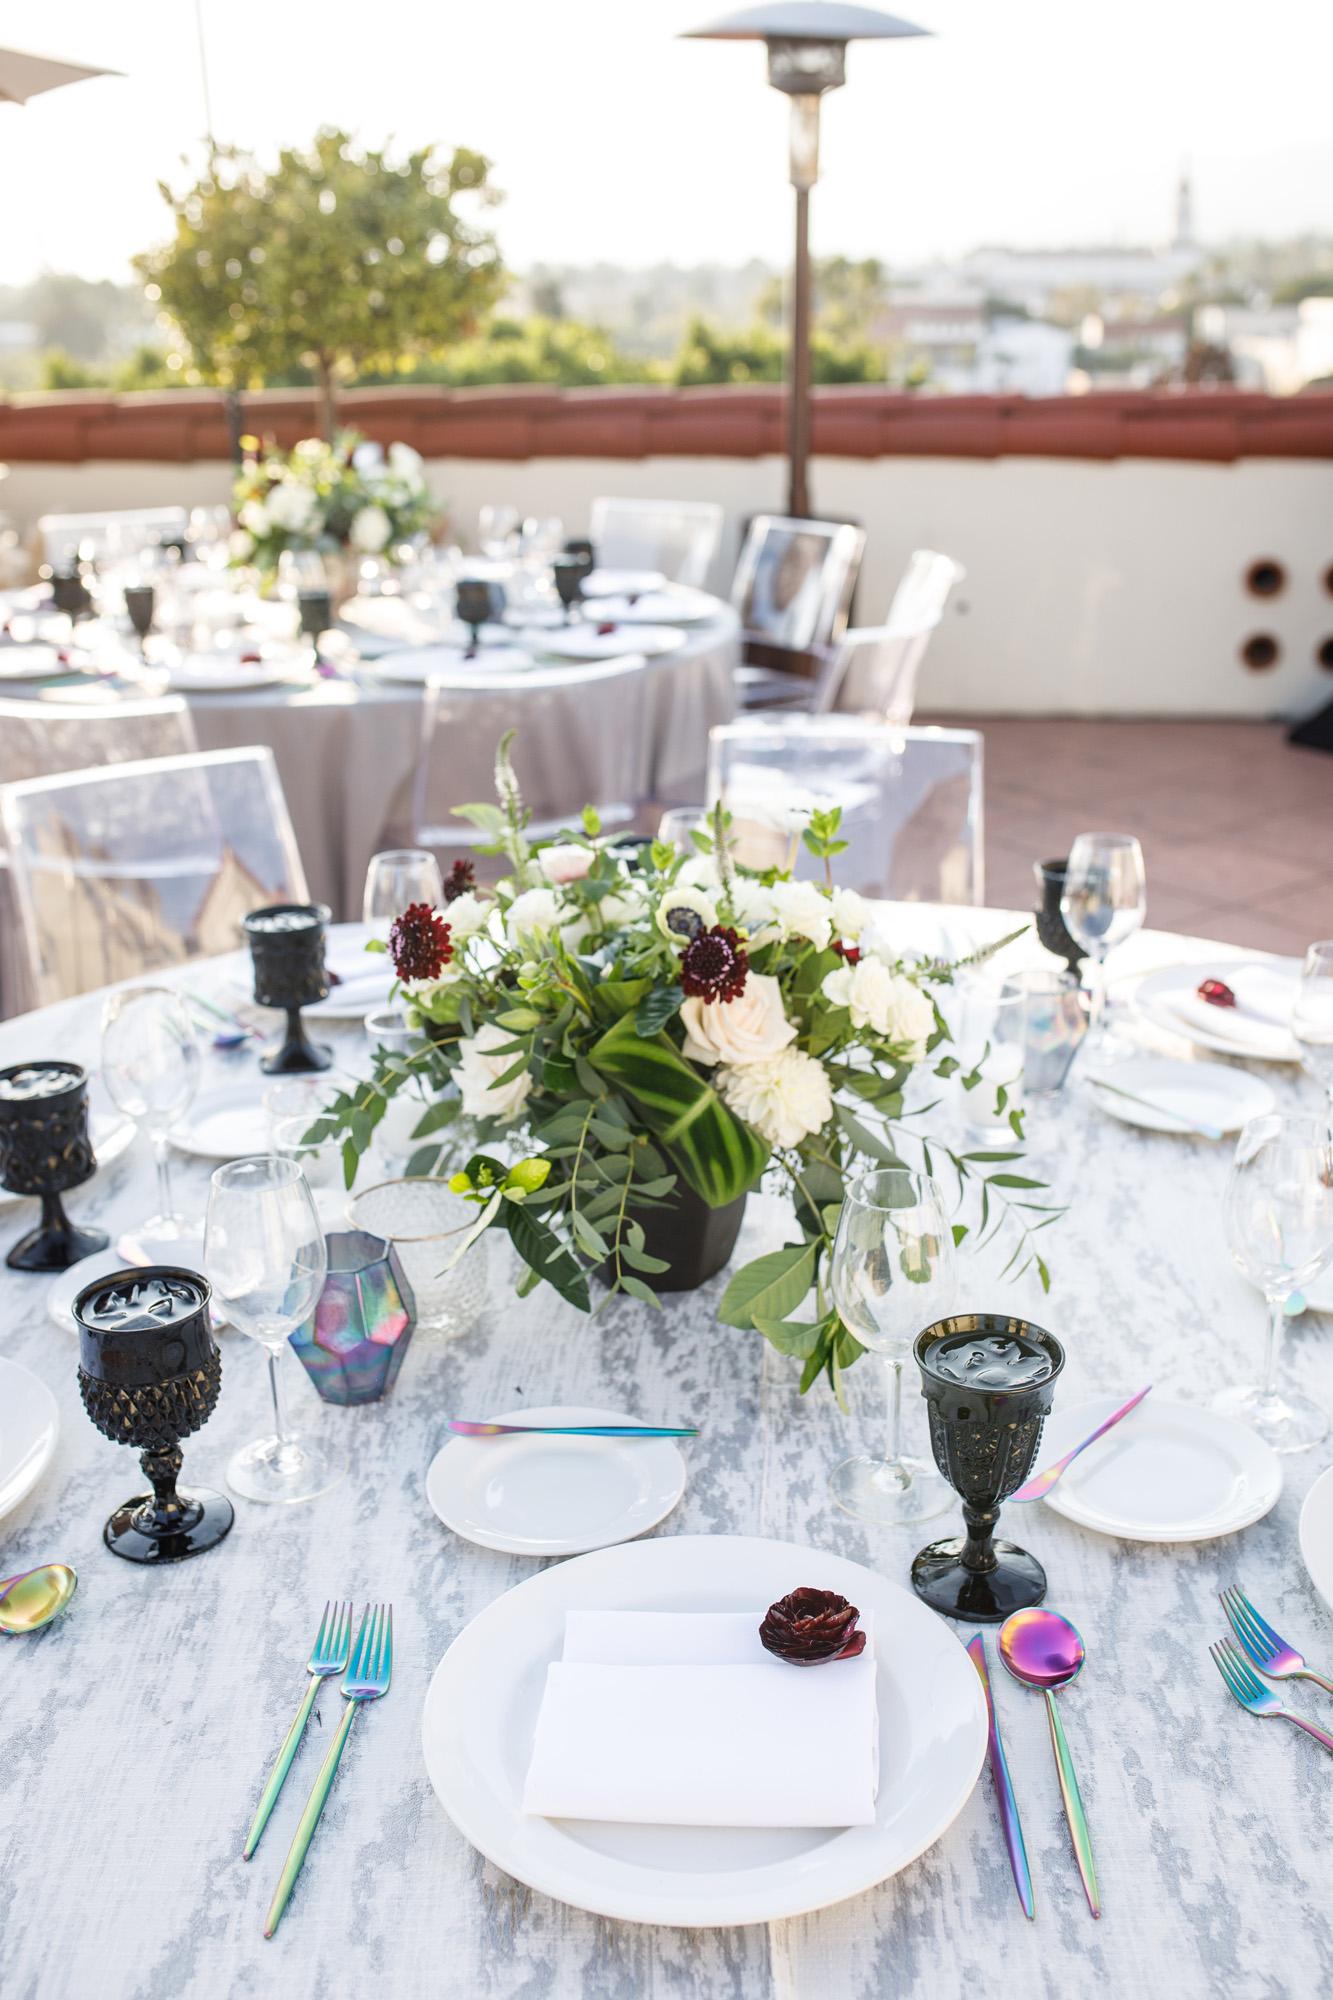 www.santabarbarawedding.com | Kiel Rucker | Canary Hotel | Reception table